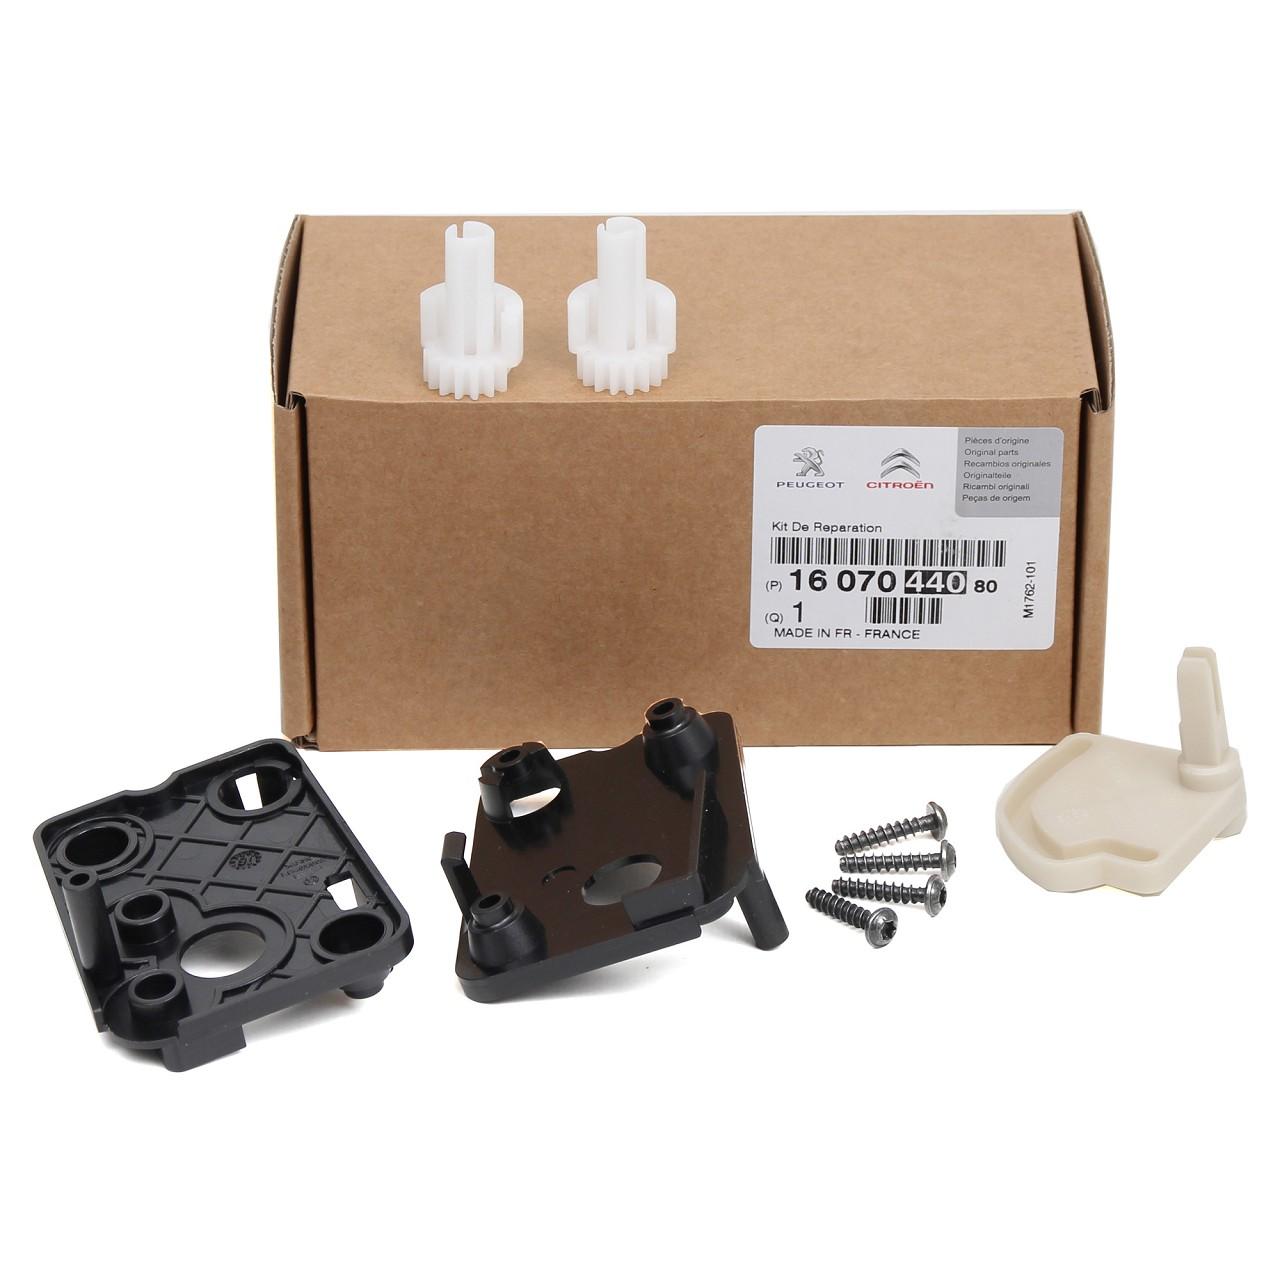 ORIGINAL Citroen Peugeot Reparatursatz Heizklappenritzel C4 307 1607044080